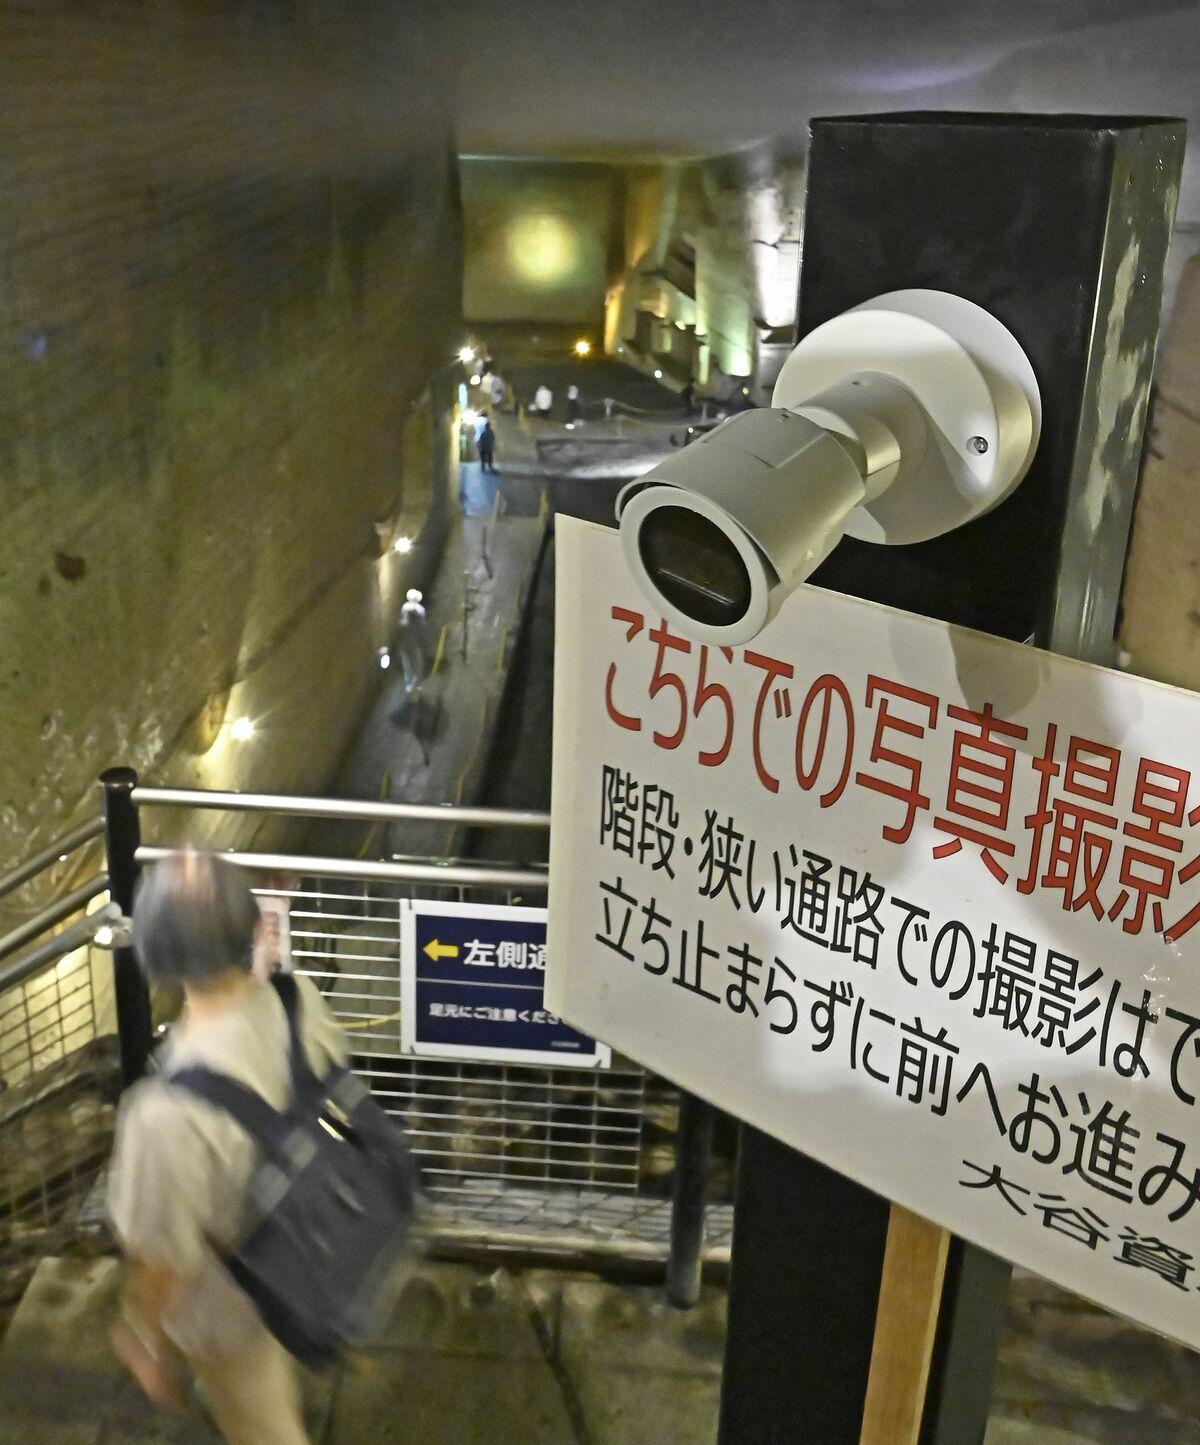 「密」とらえるカメラとAI 宇都宮・大谷資料館で実証事業開始【動画】